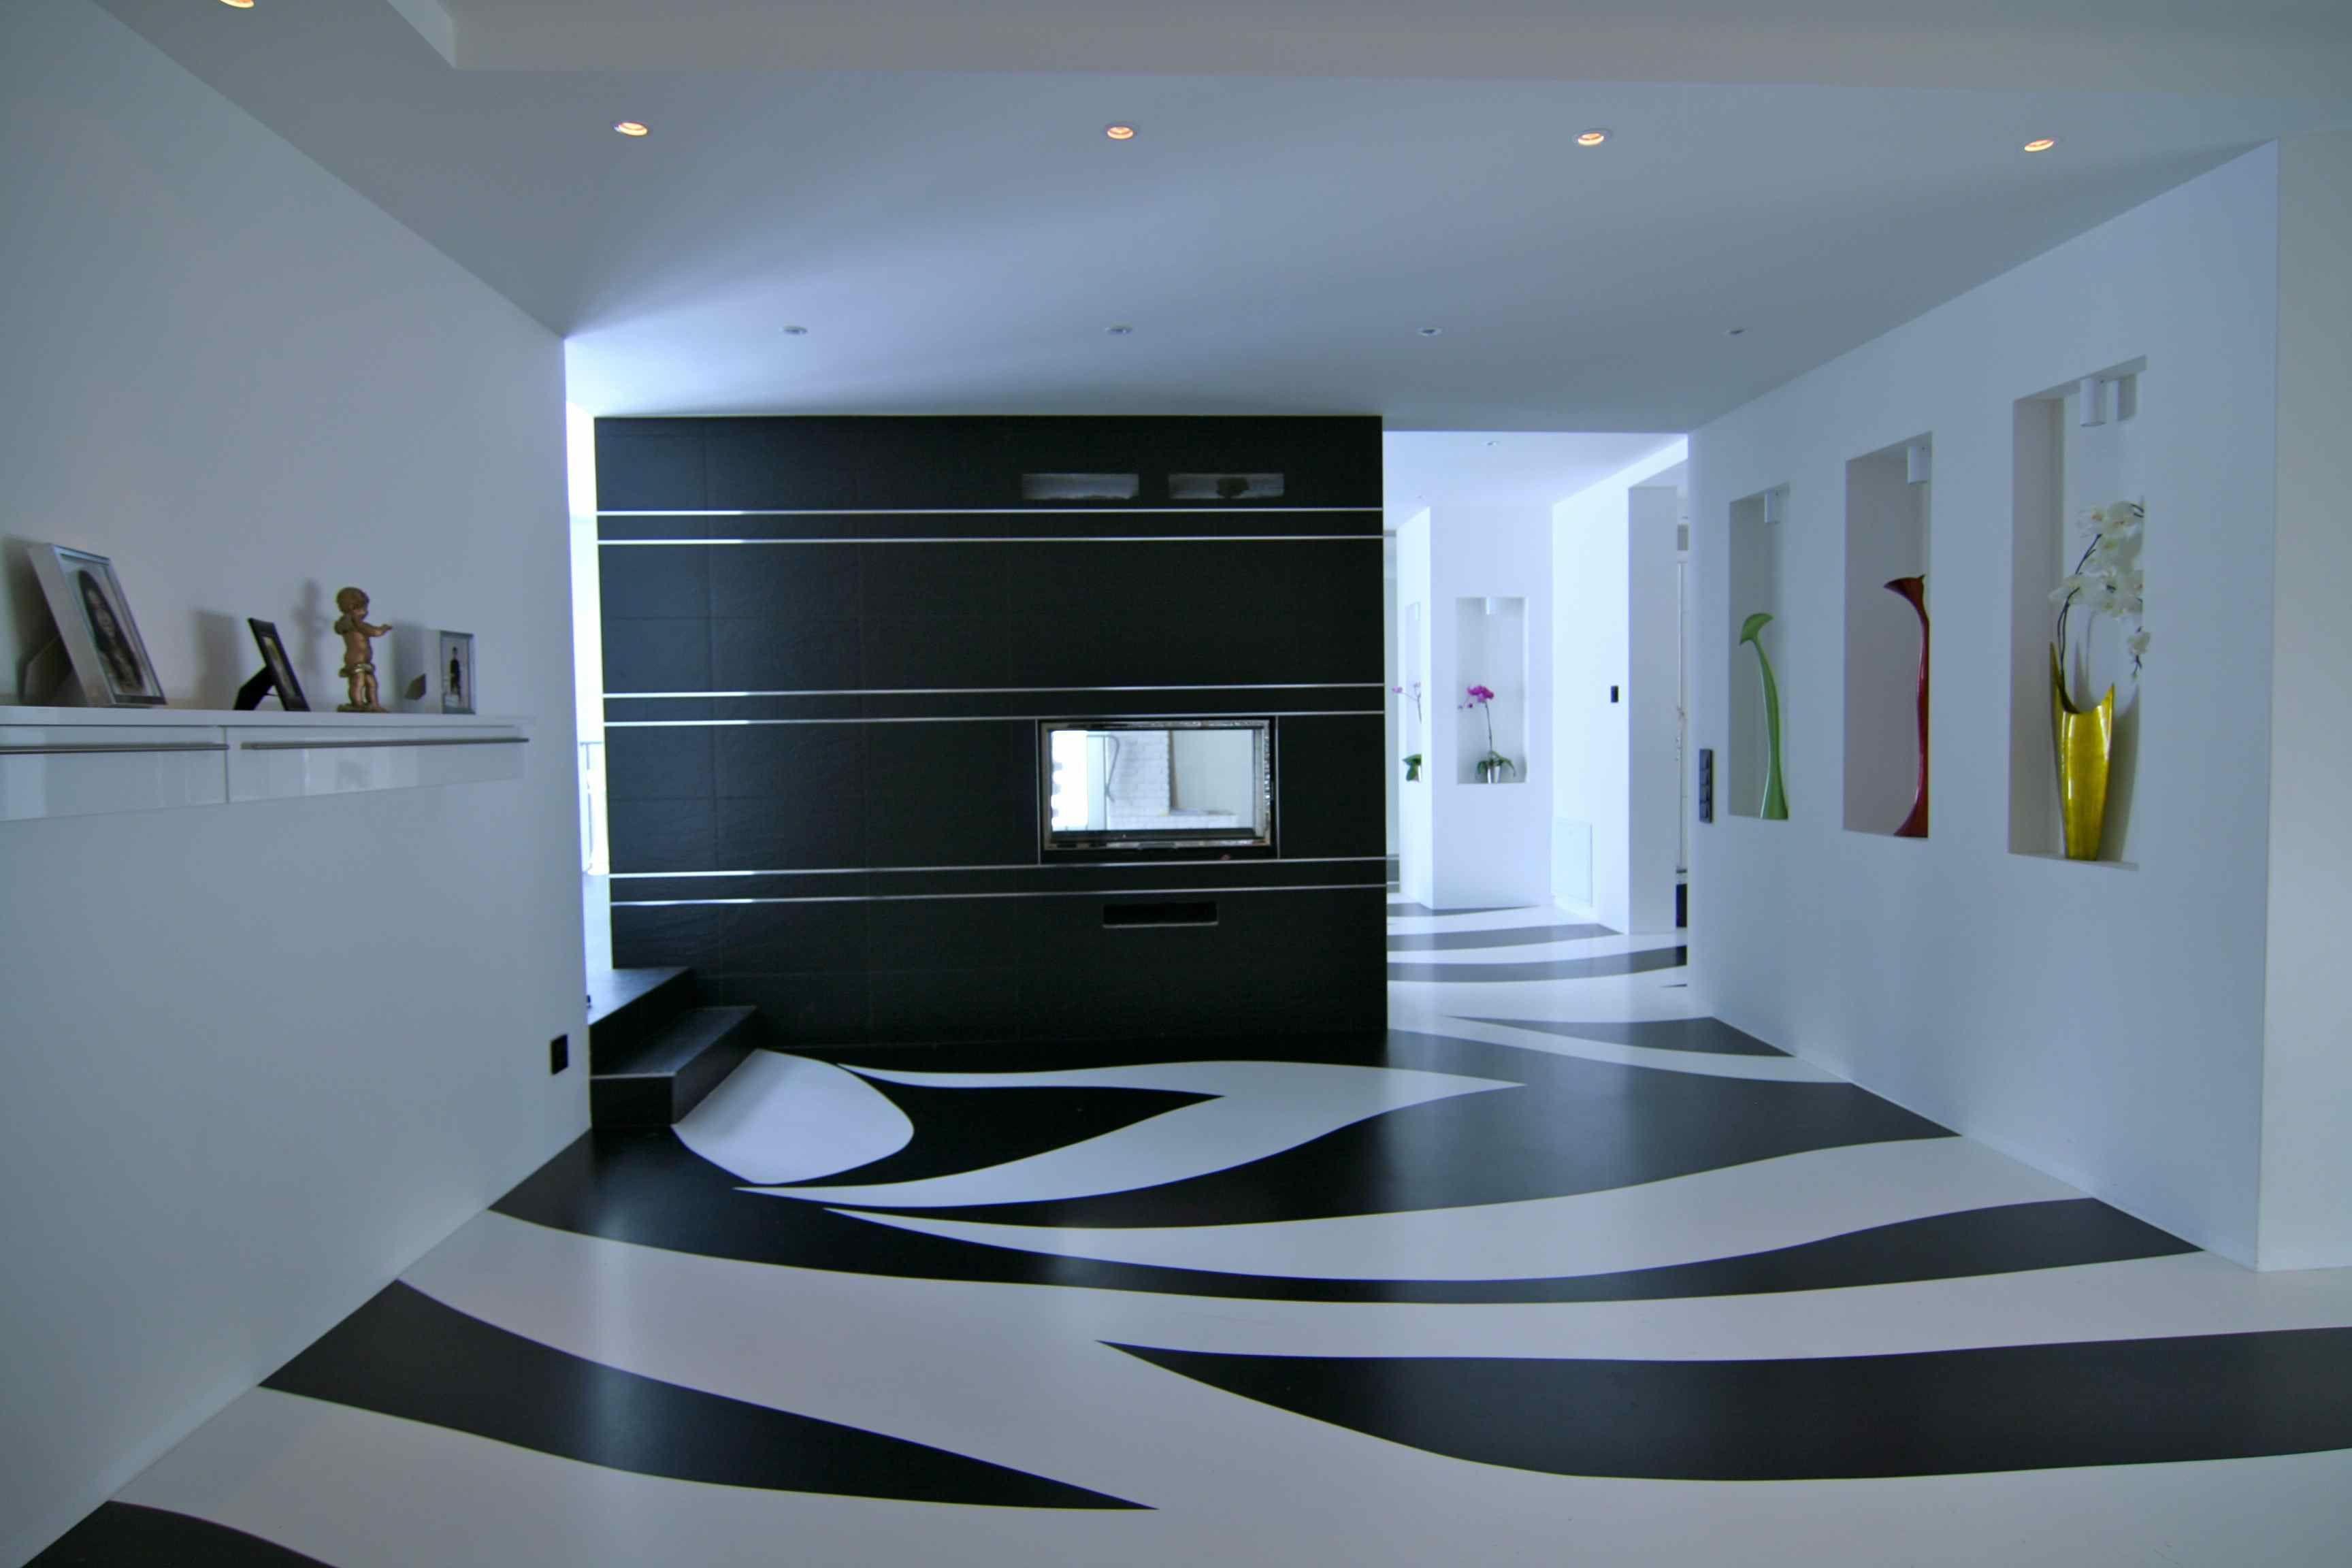 Наливна декоративна підлога замовити за доступною ціною